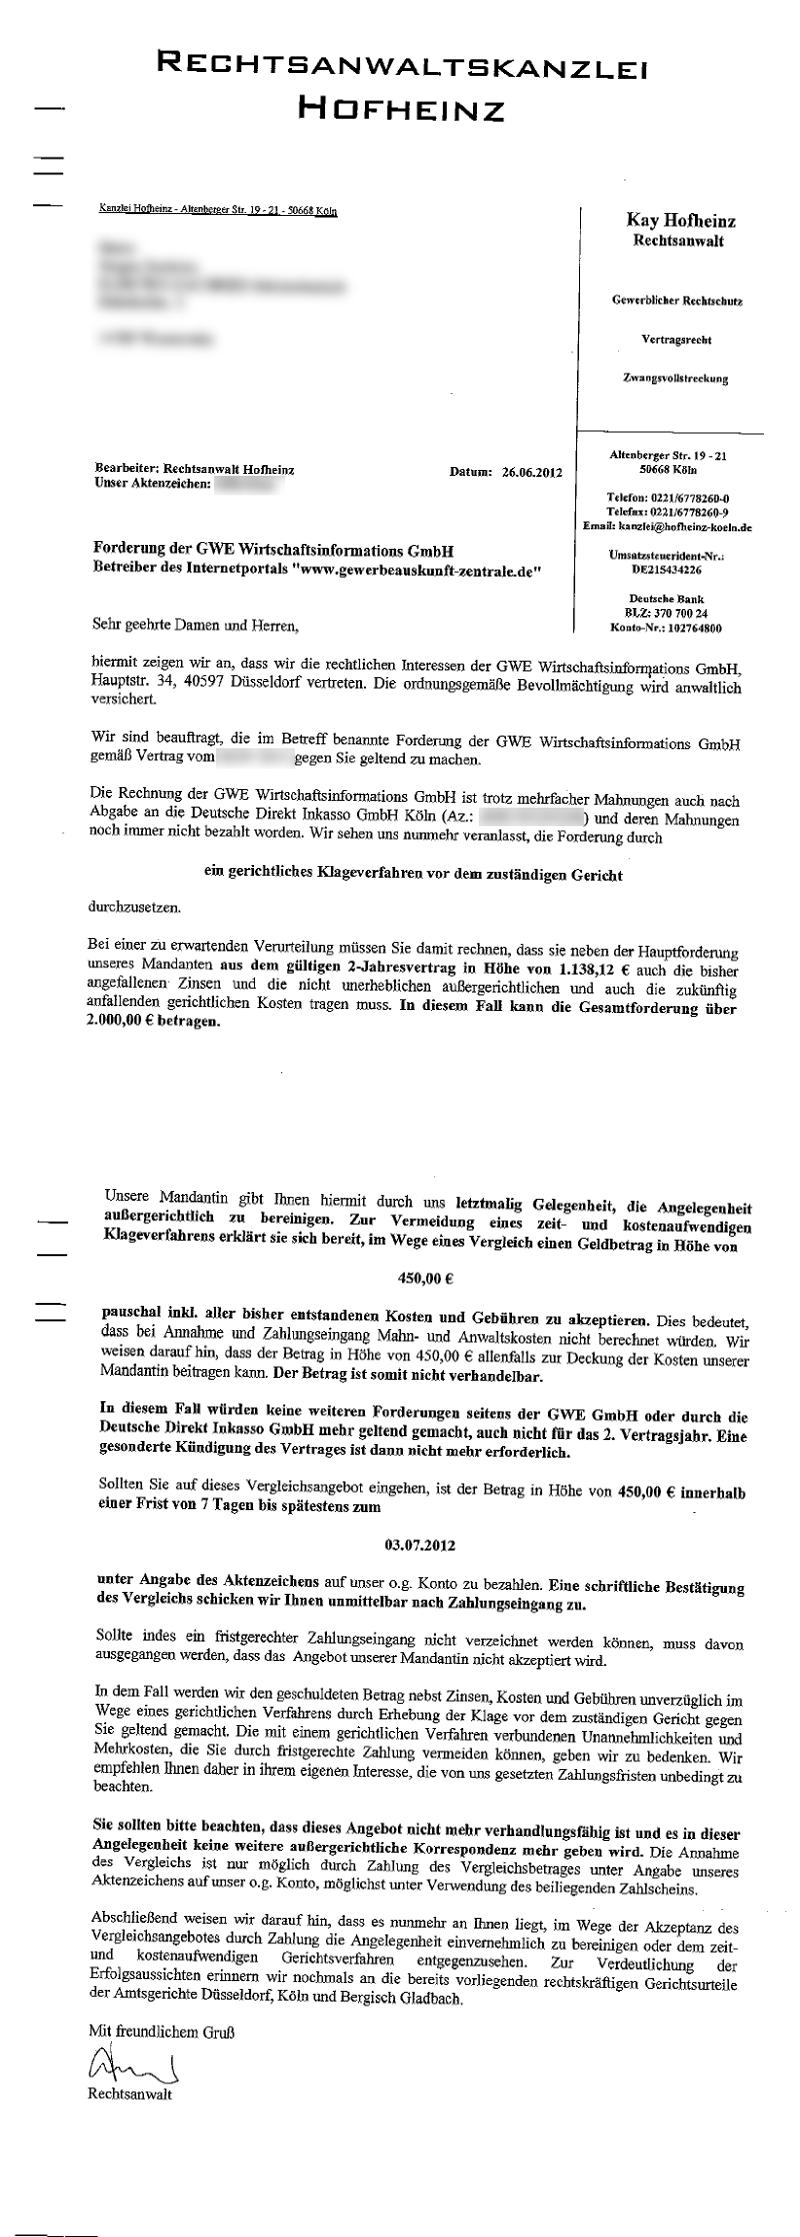 Rechtsanwalt Hofheinz Treibt Für Gewerbeauskunft Zentrale Ein